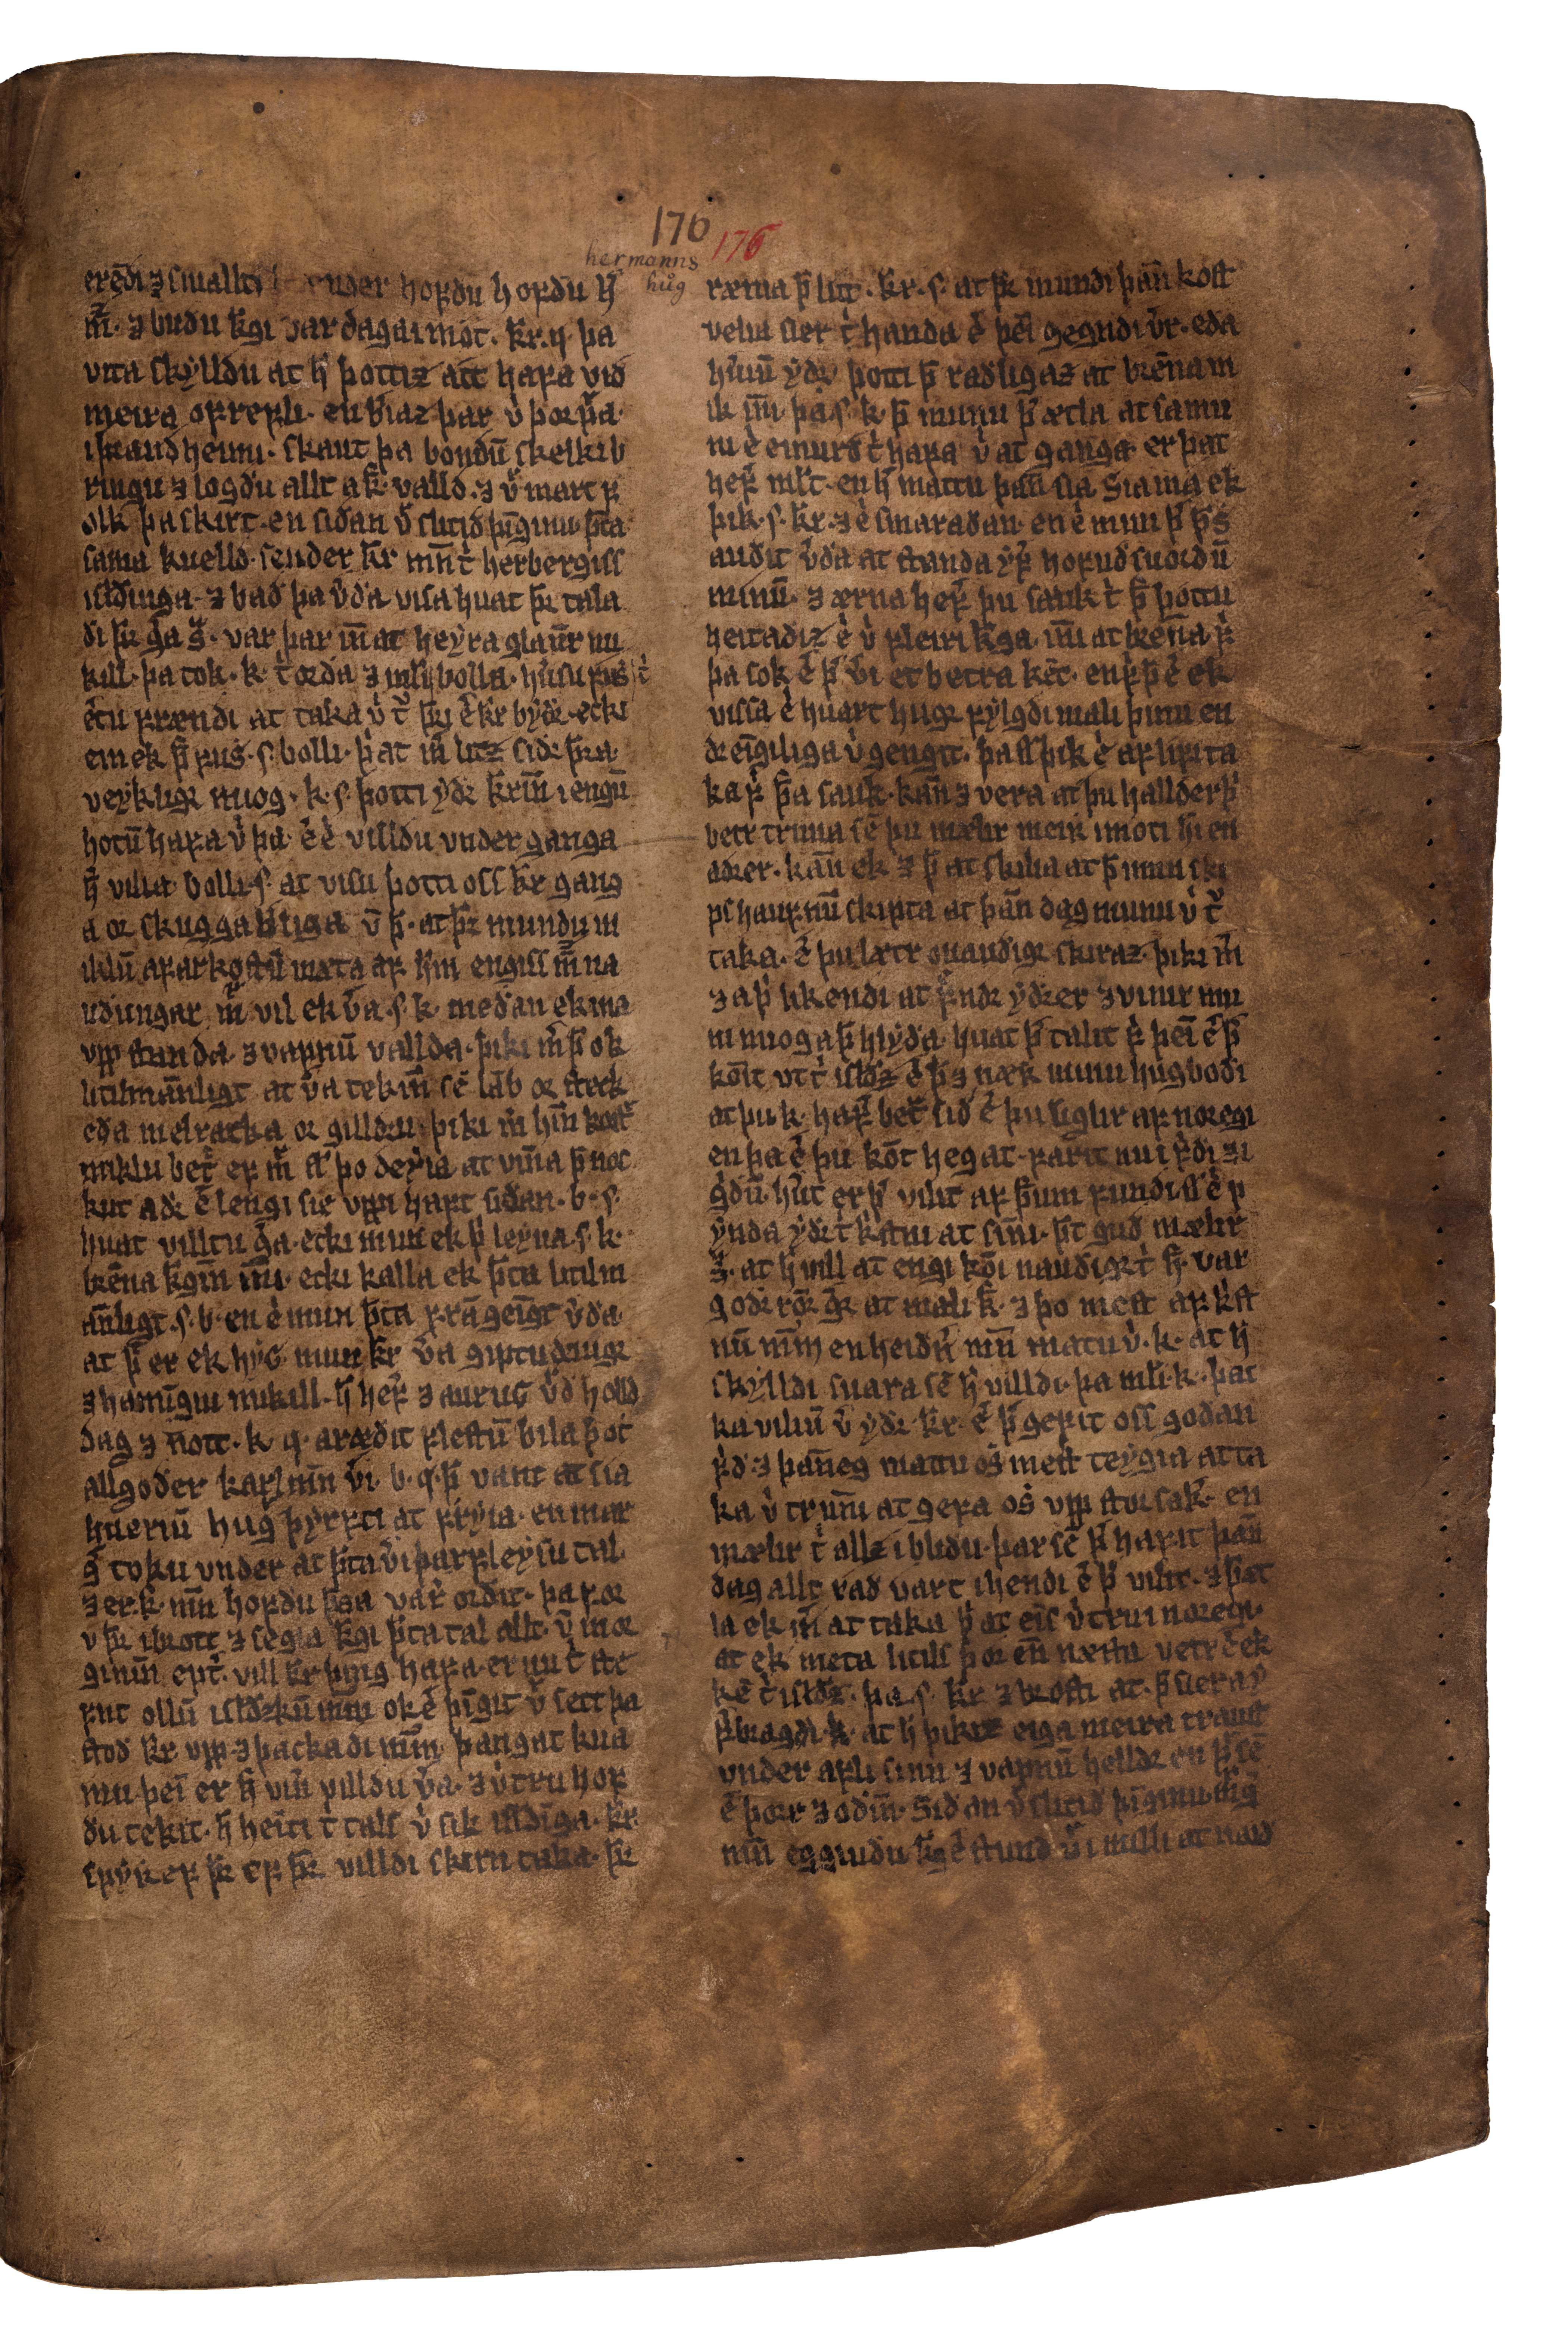 AM 132 fol - 176r